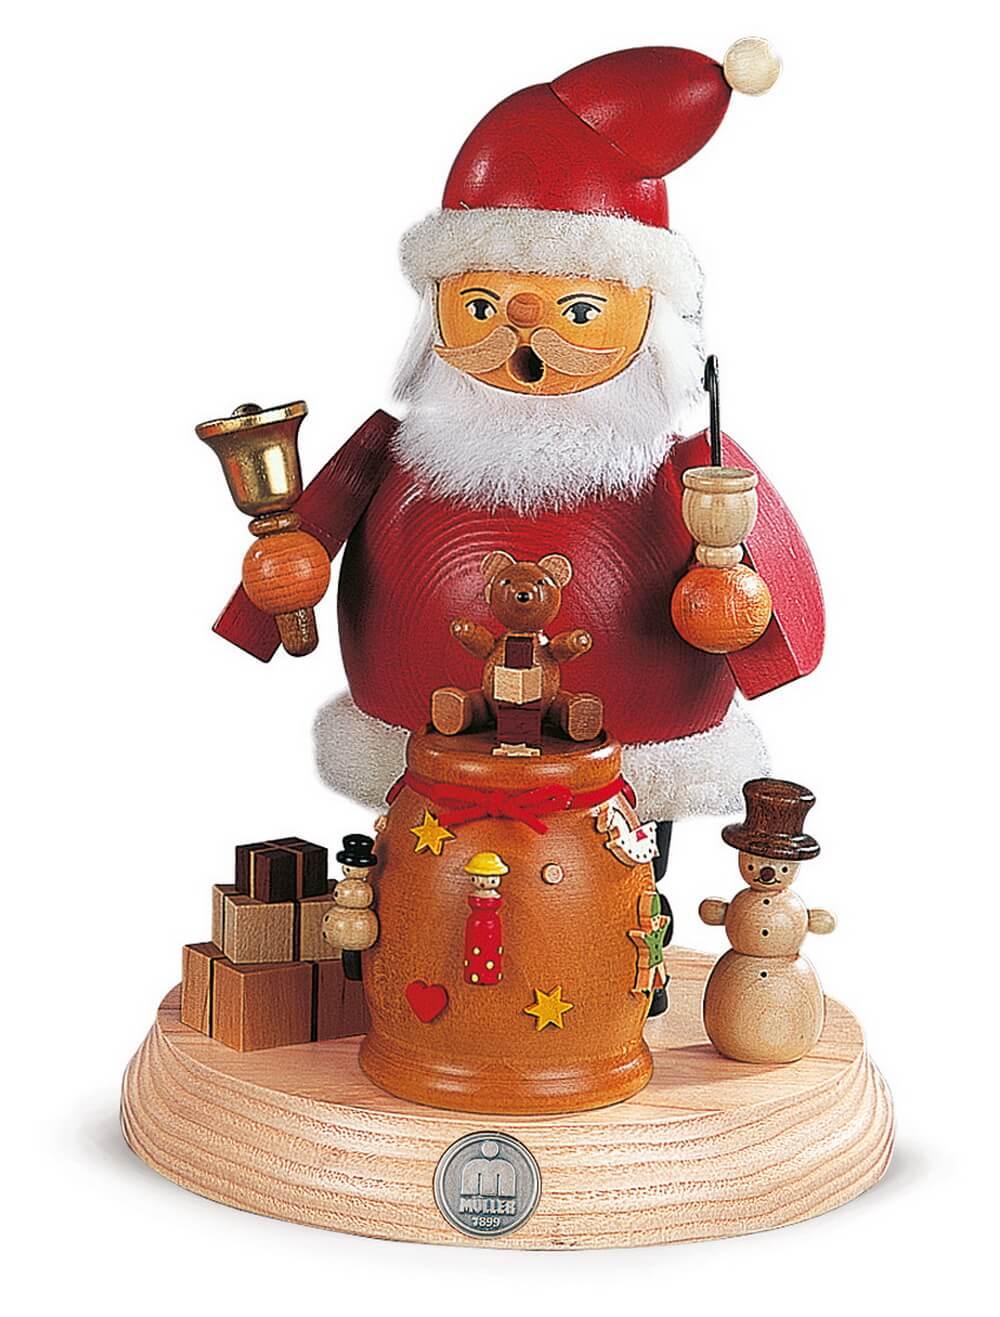 Räuchermann Weihnachtsmann aus Holz von Müller Kleinkunst aus Seiffen